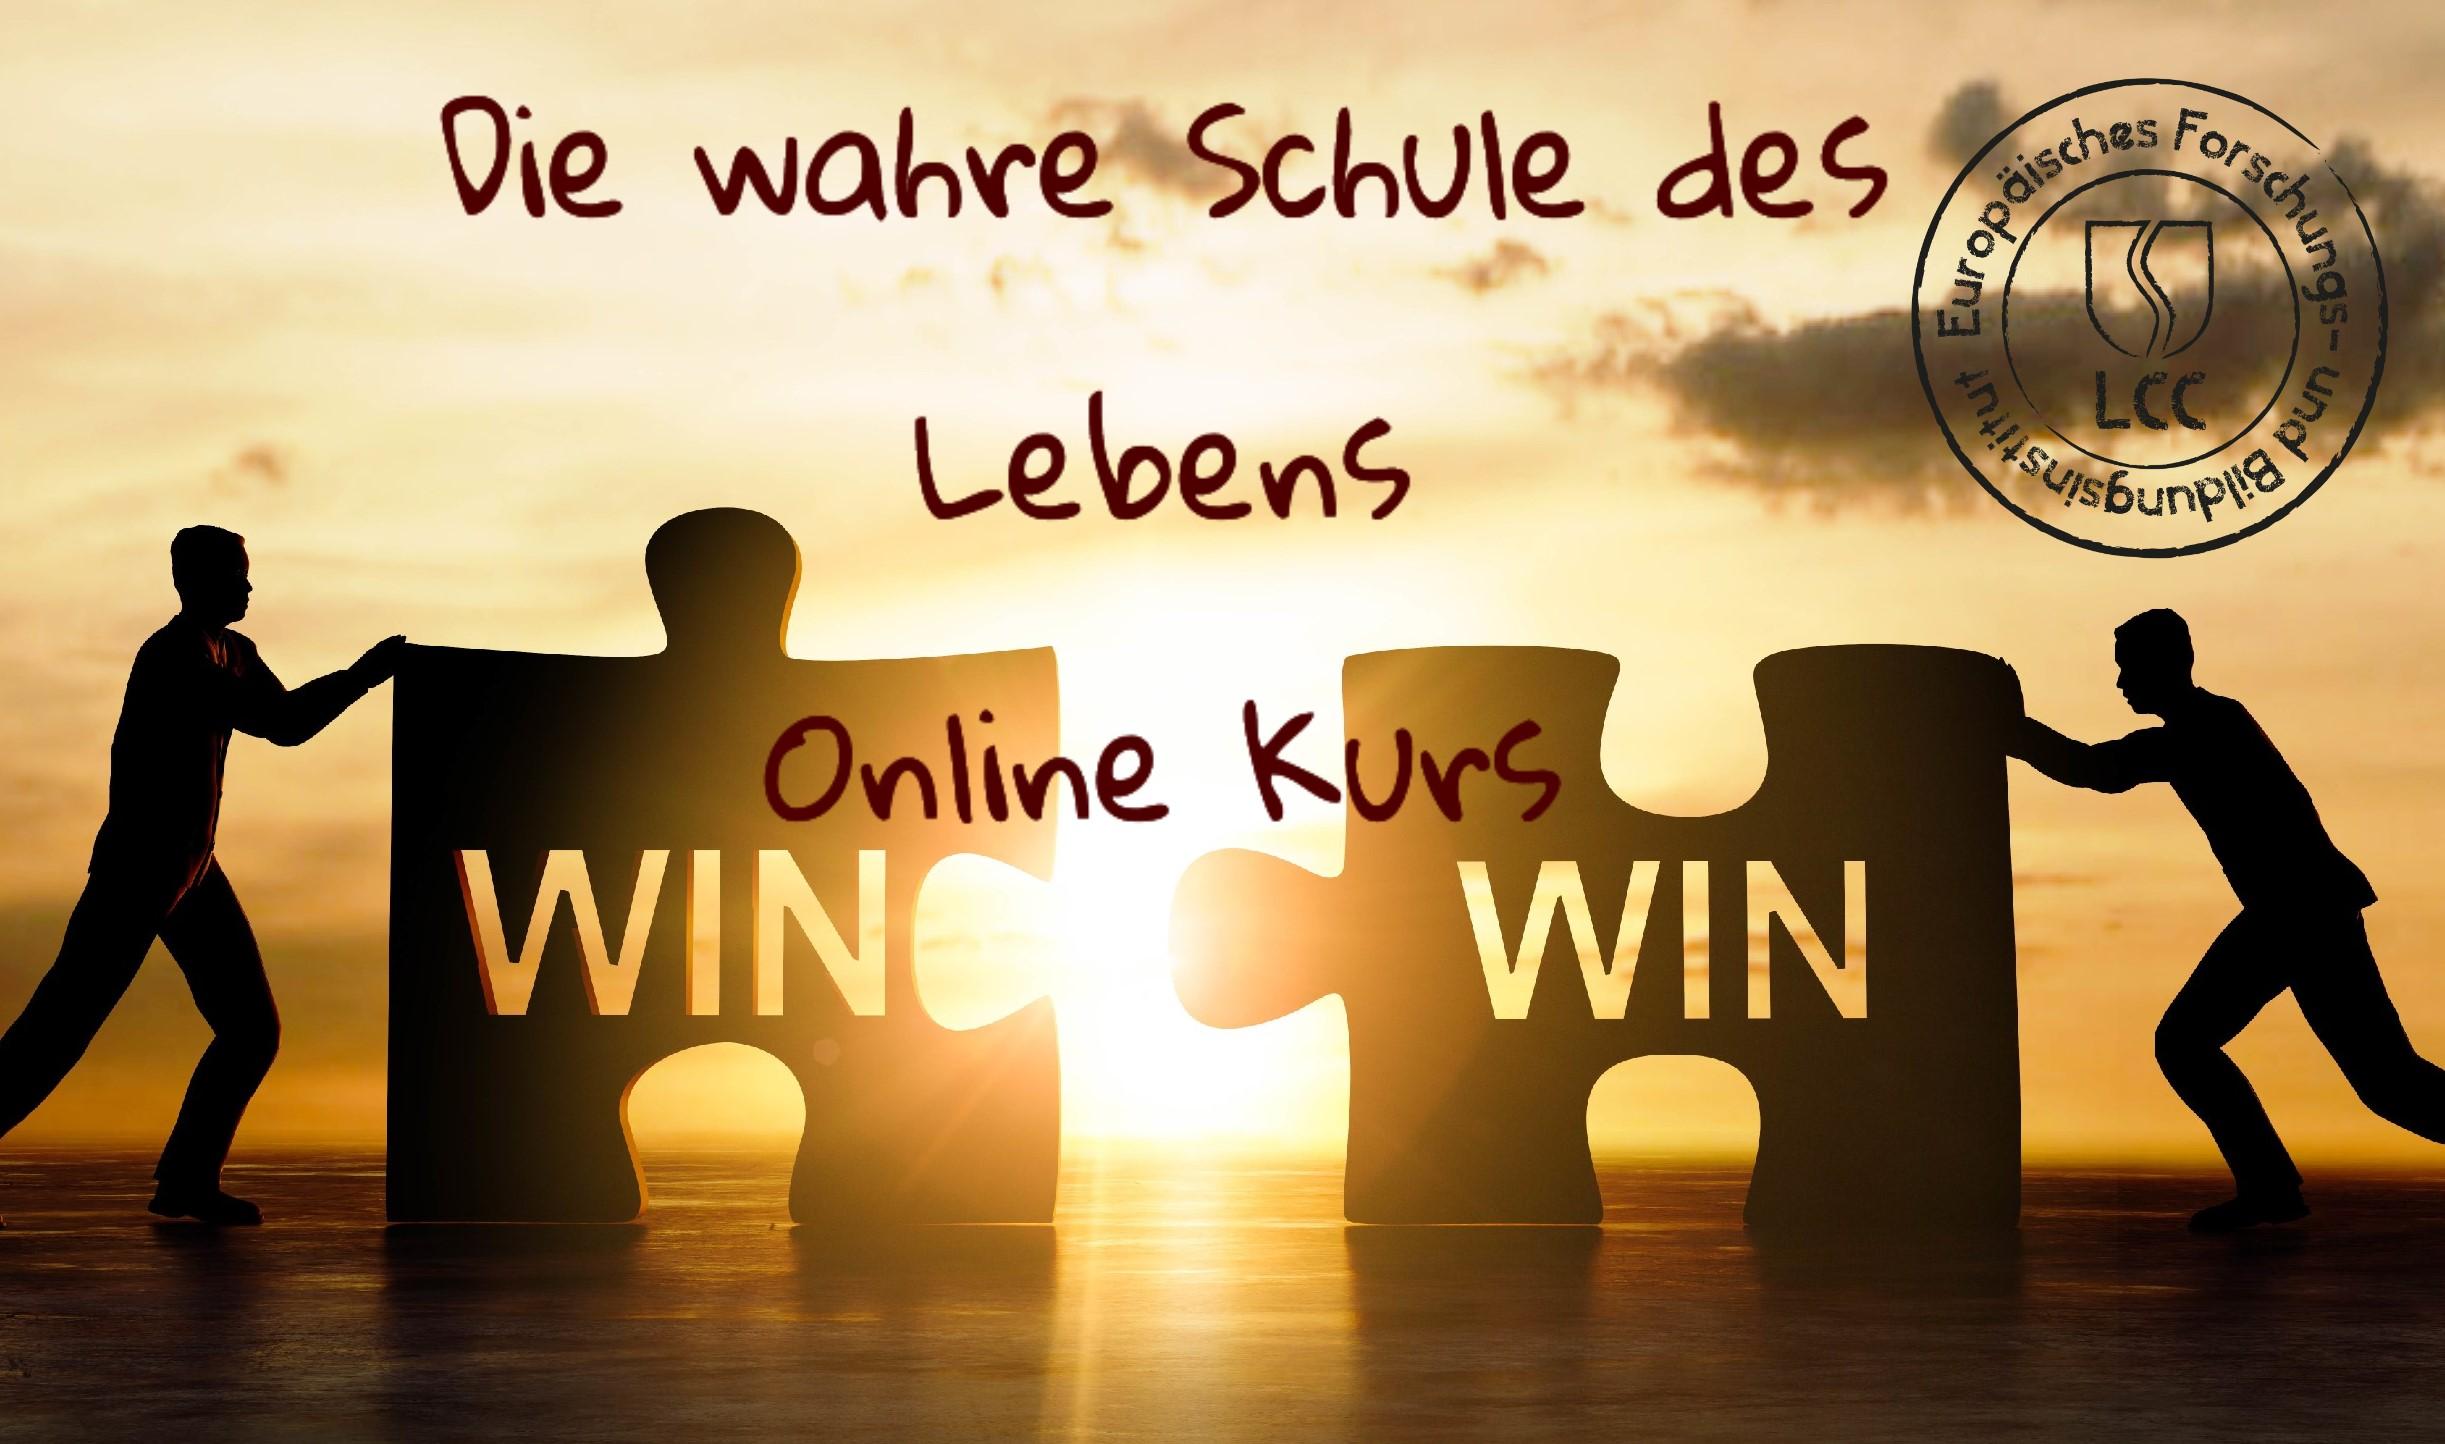 Online Kurs - Shop